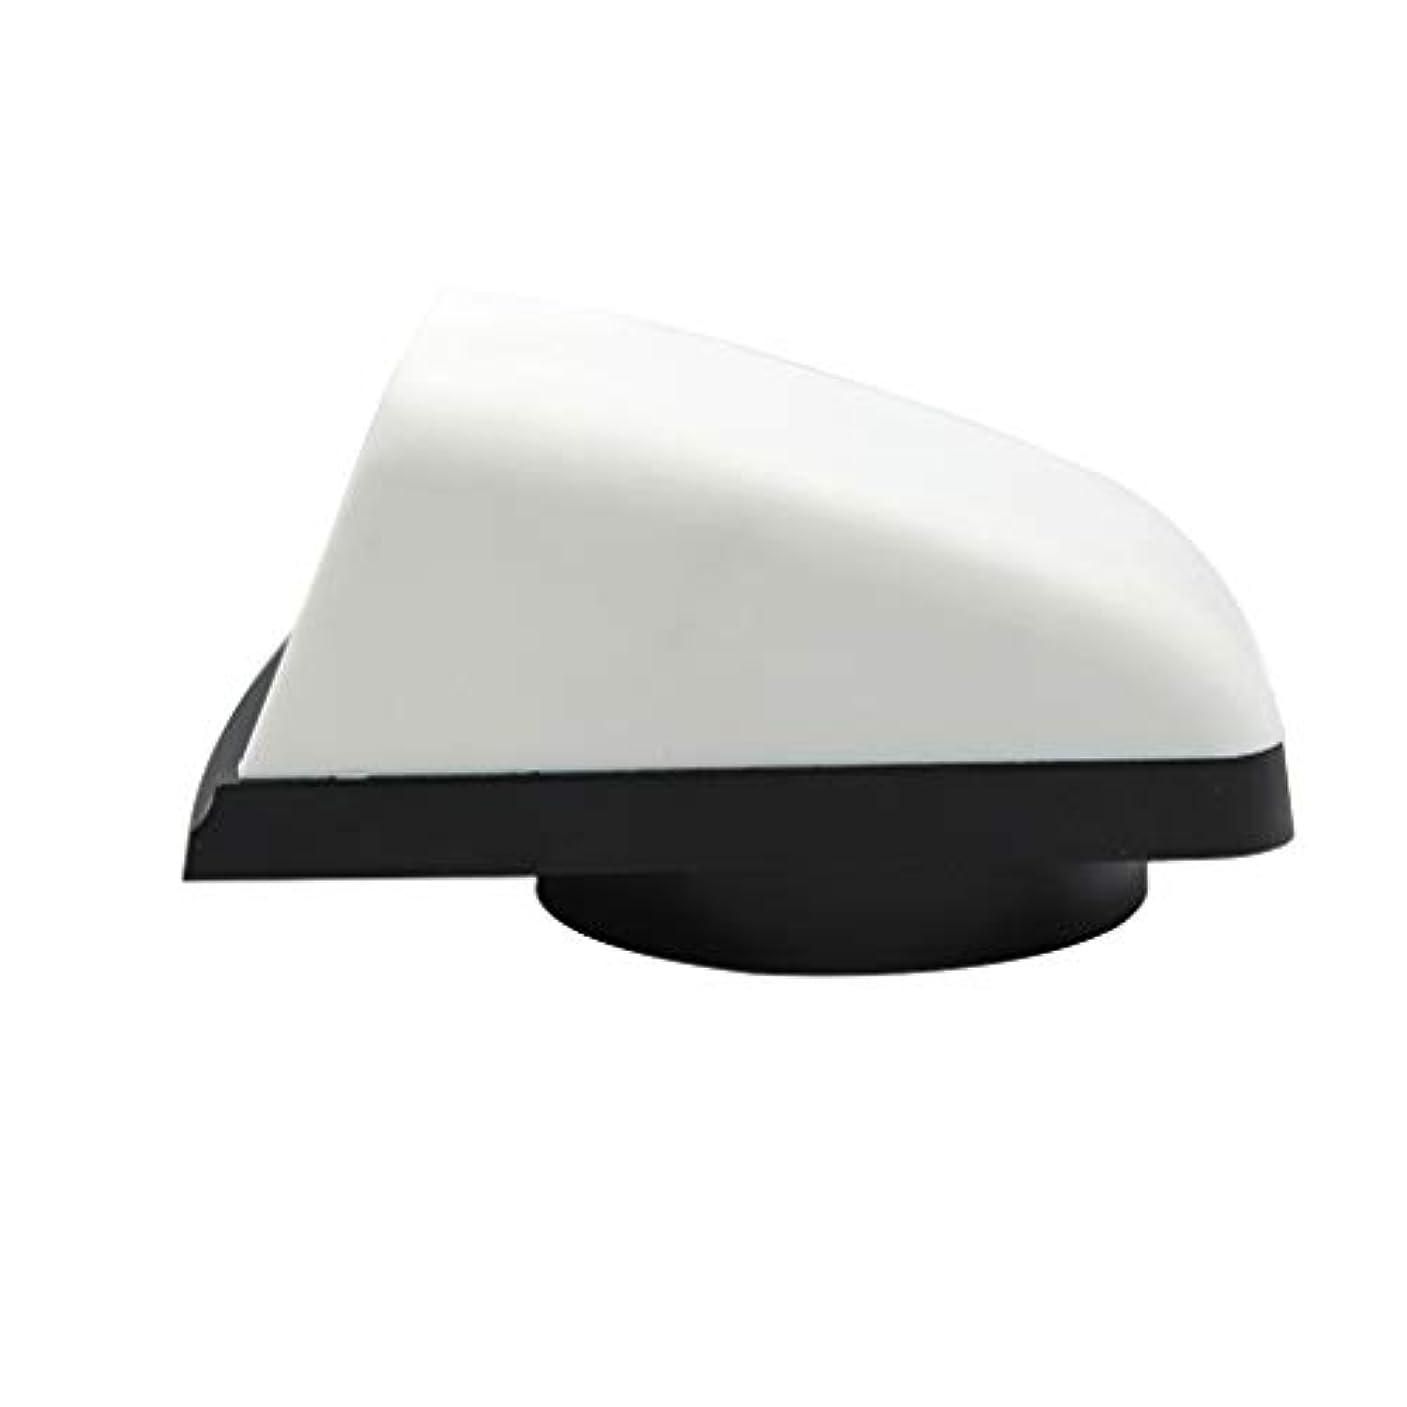 嵐が丘エキスパートできればAlmencla 3インチボートベントカバー フードベントカバー プラスチック製 ホワイト ブラック 通気孔